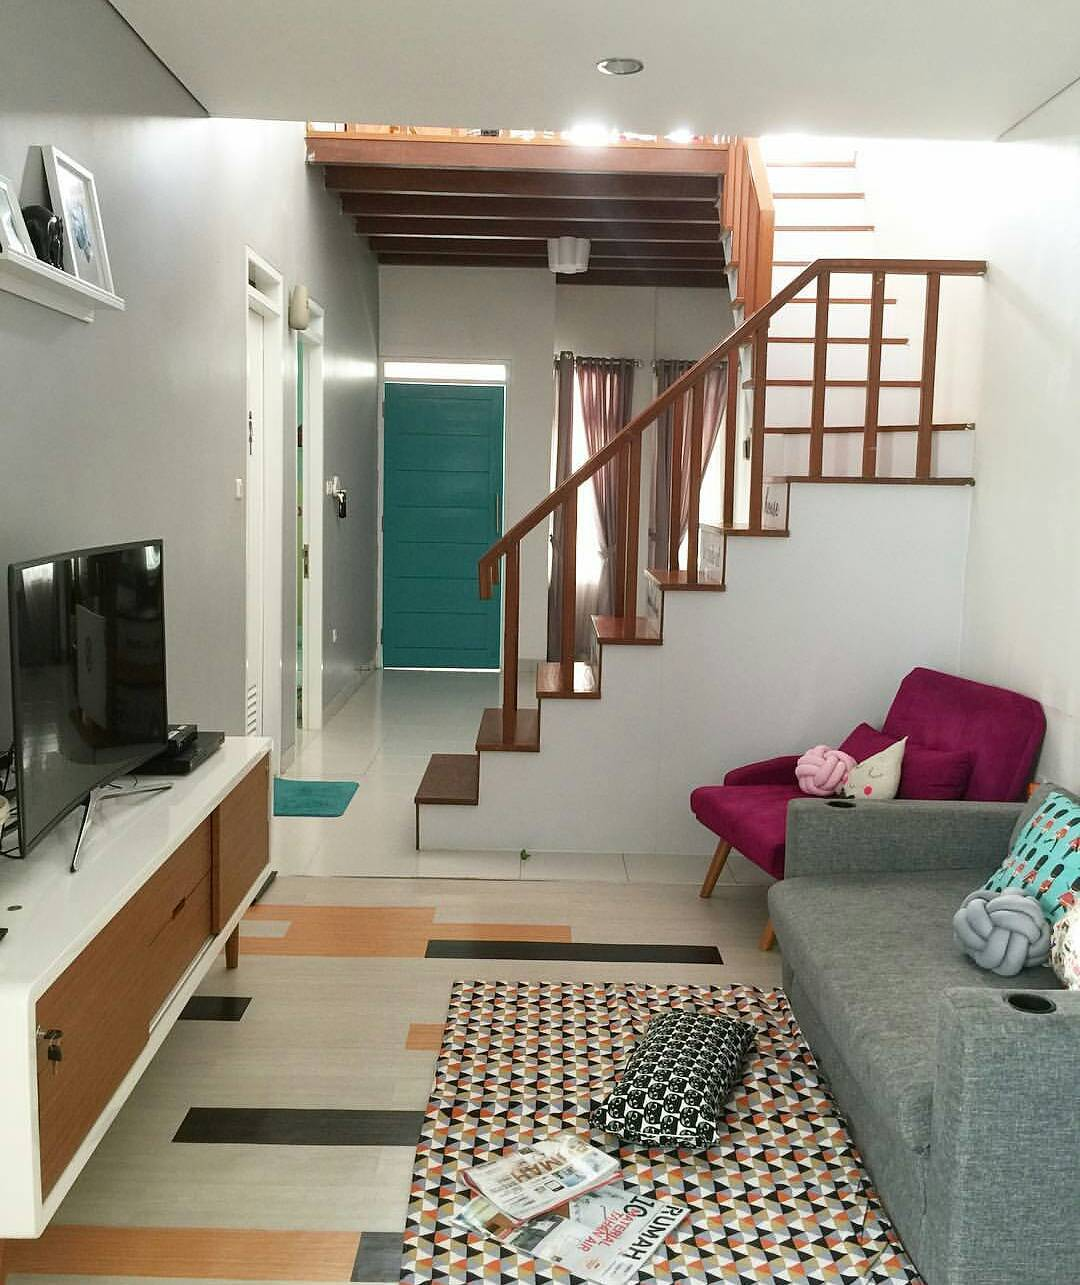 10 Desain Ruang Keluarga Kekinian Ini Pas untuk Rumah Mungil